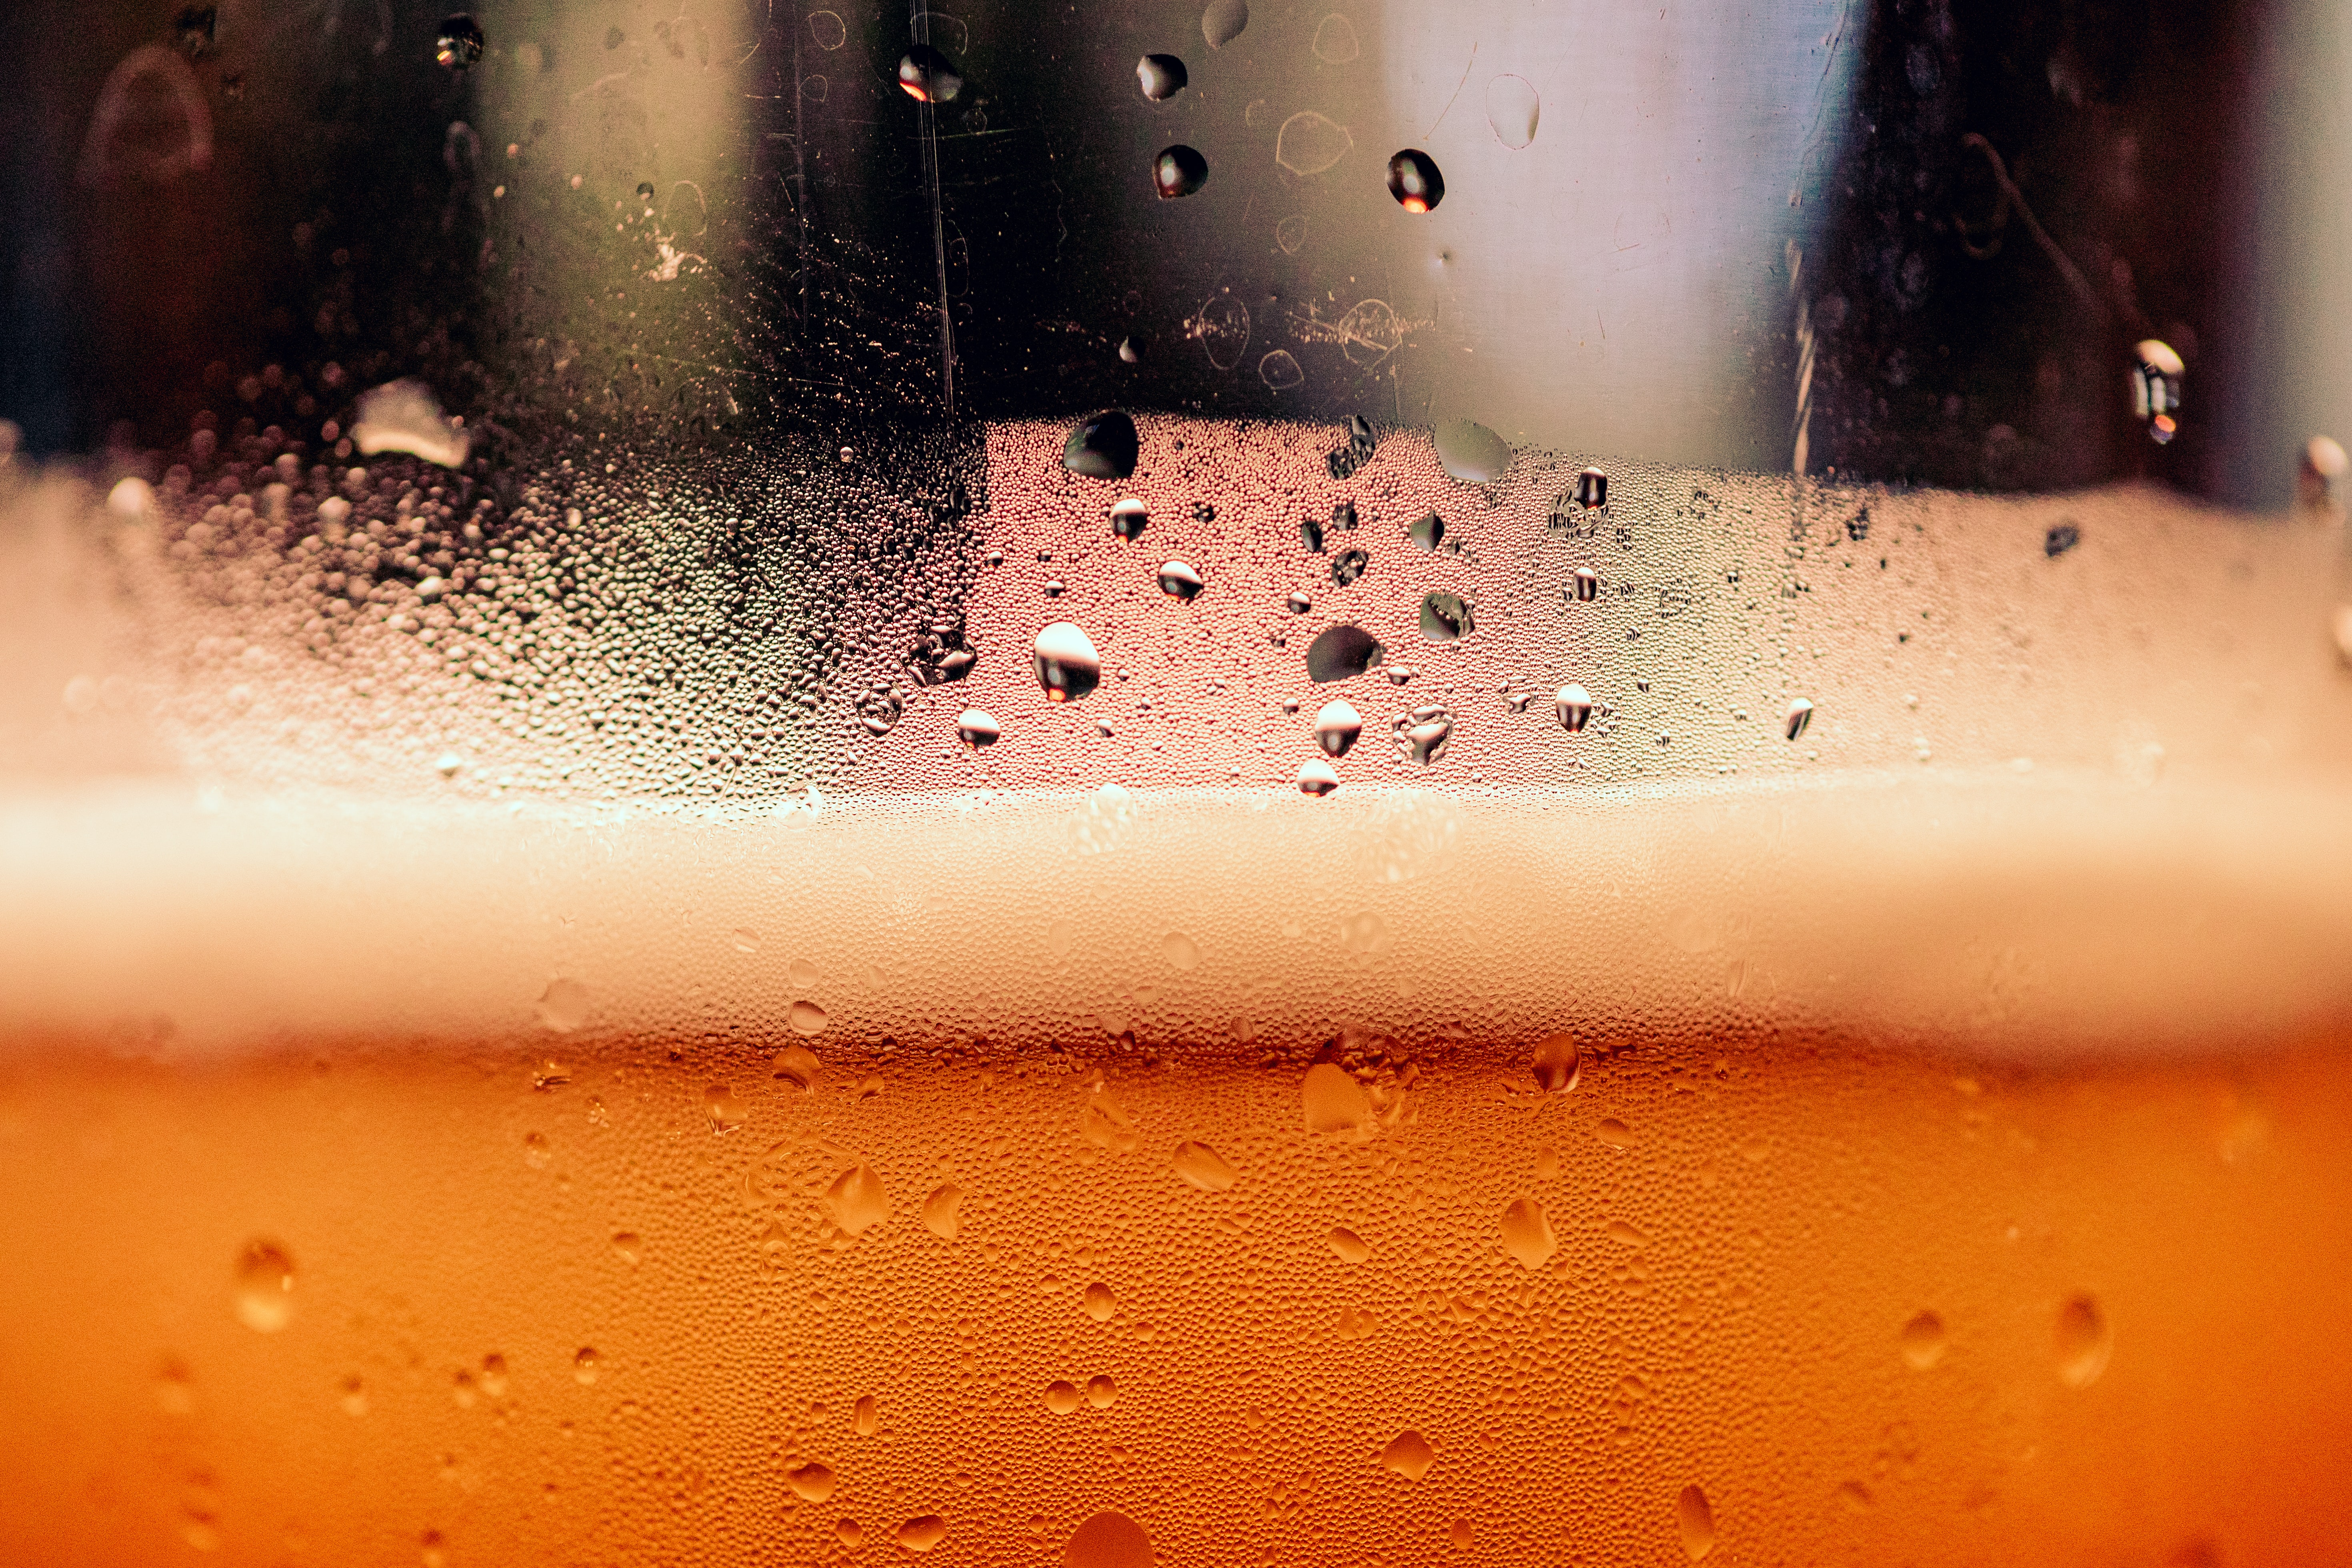 La espuma de la cerveza